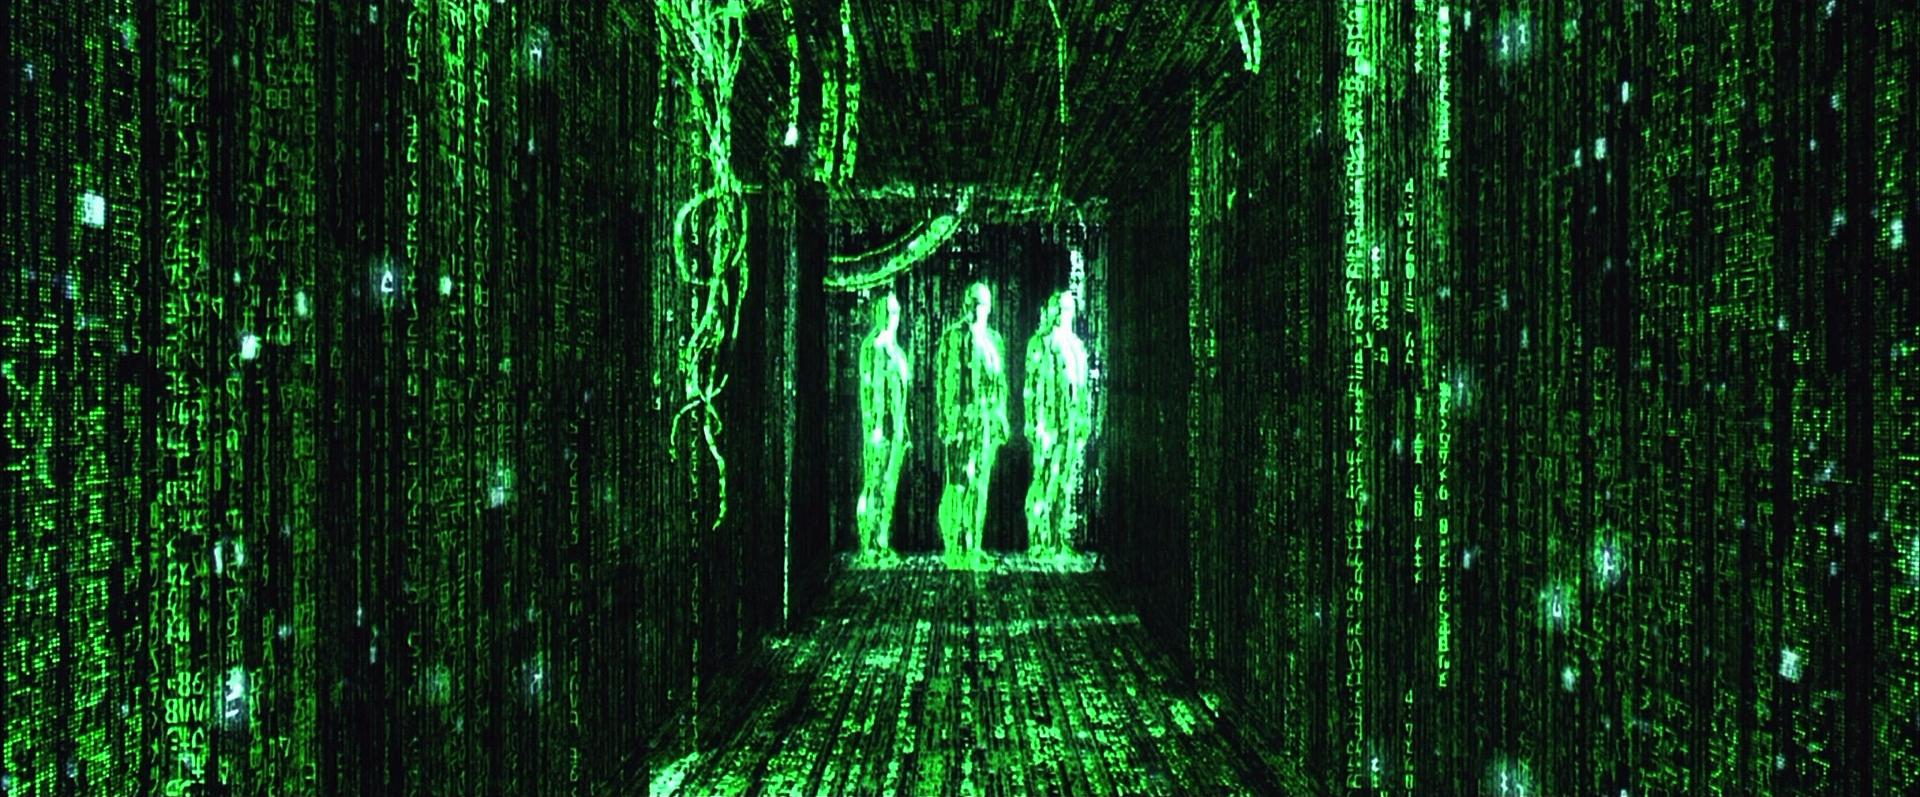 Matrix | Matrix Wiki | FANDOM powered by Wikia